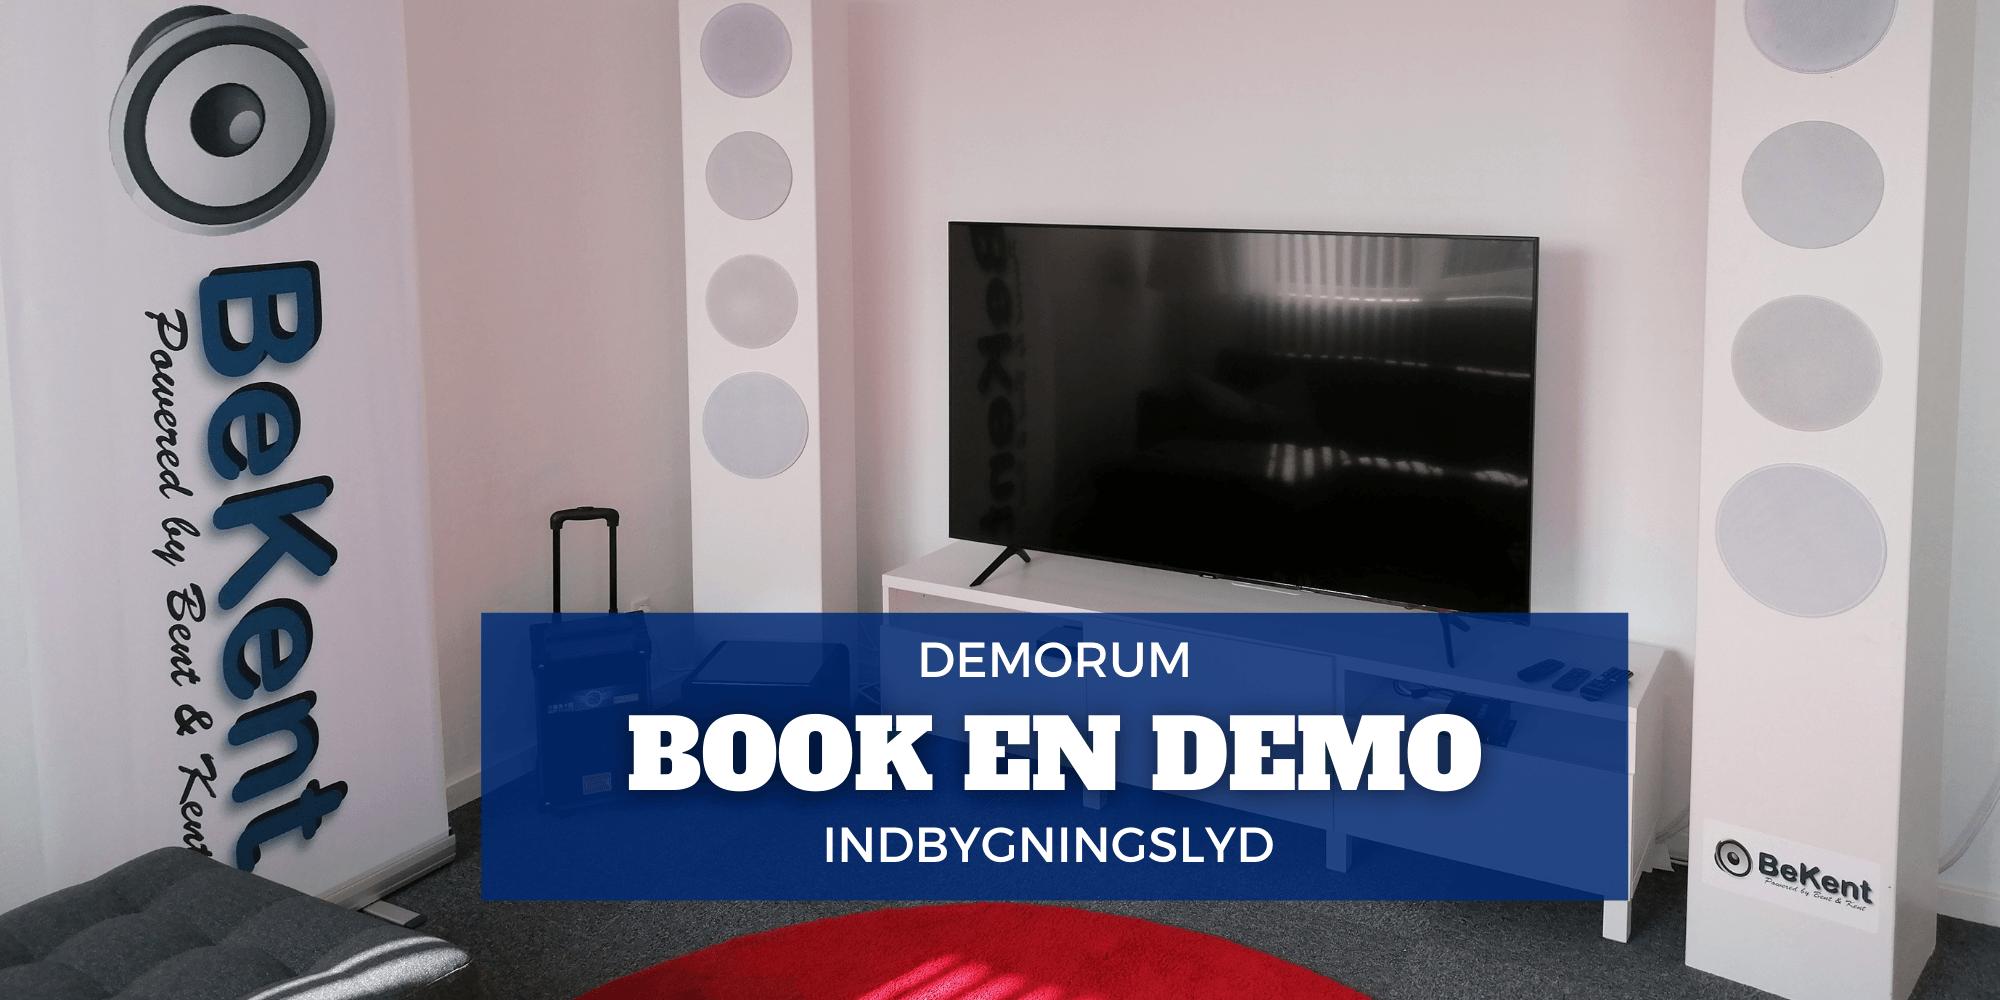 Demorum